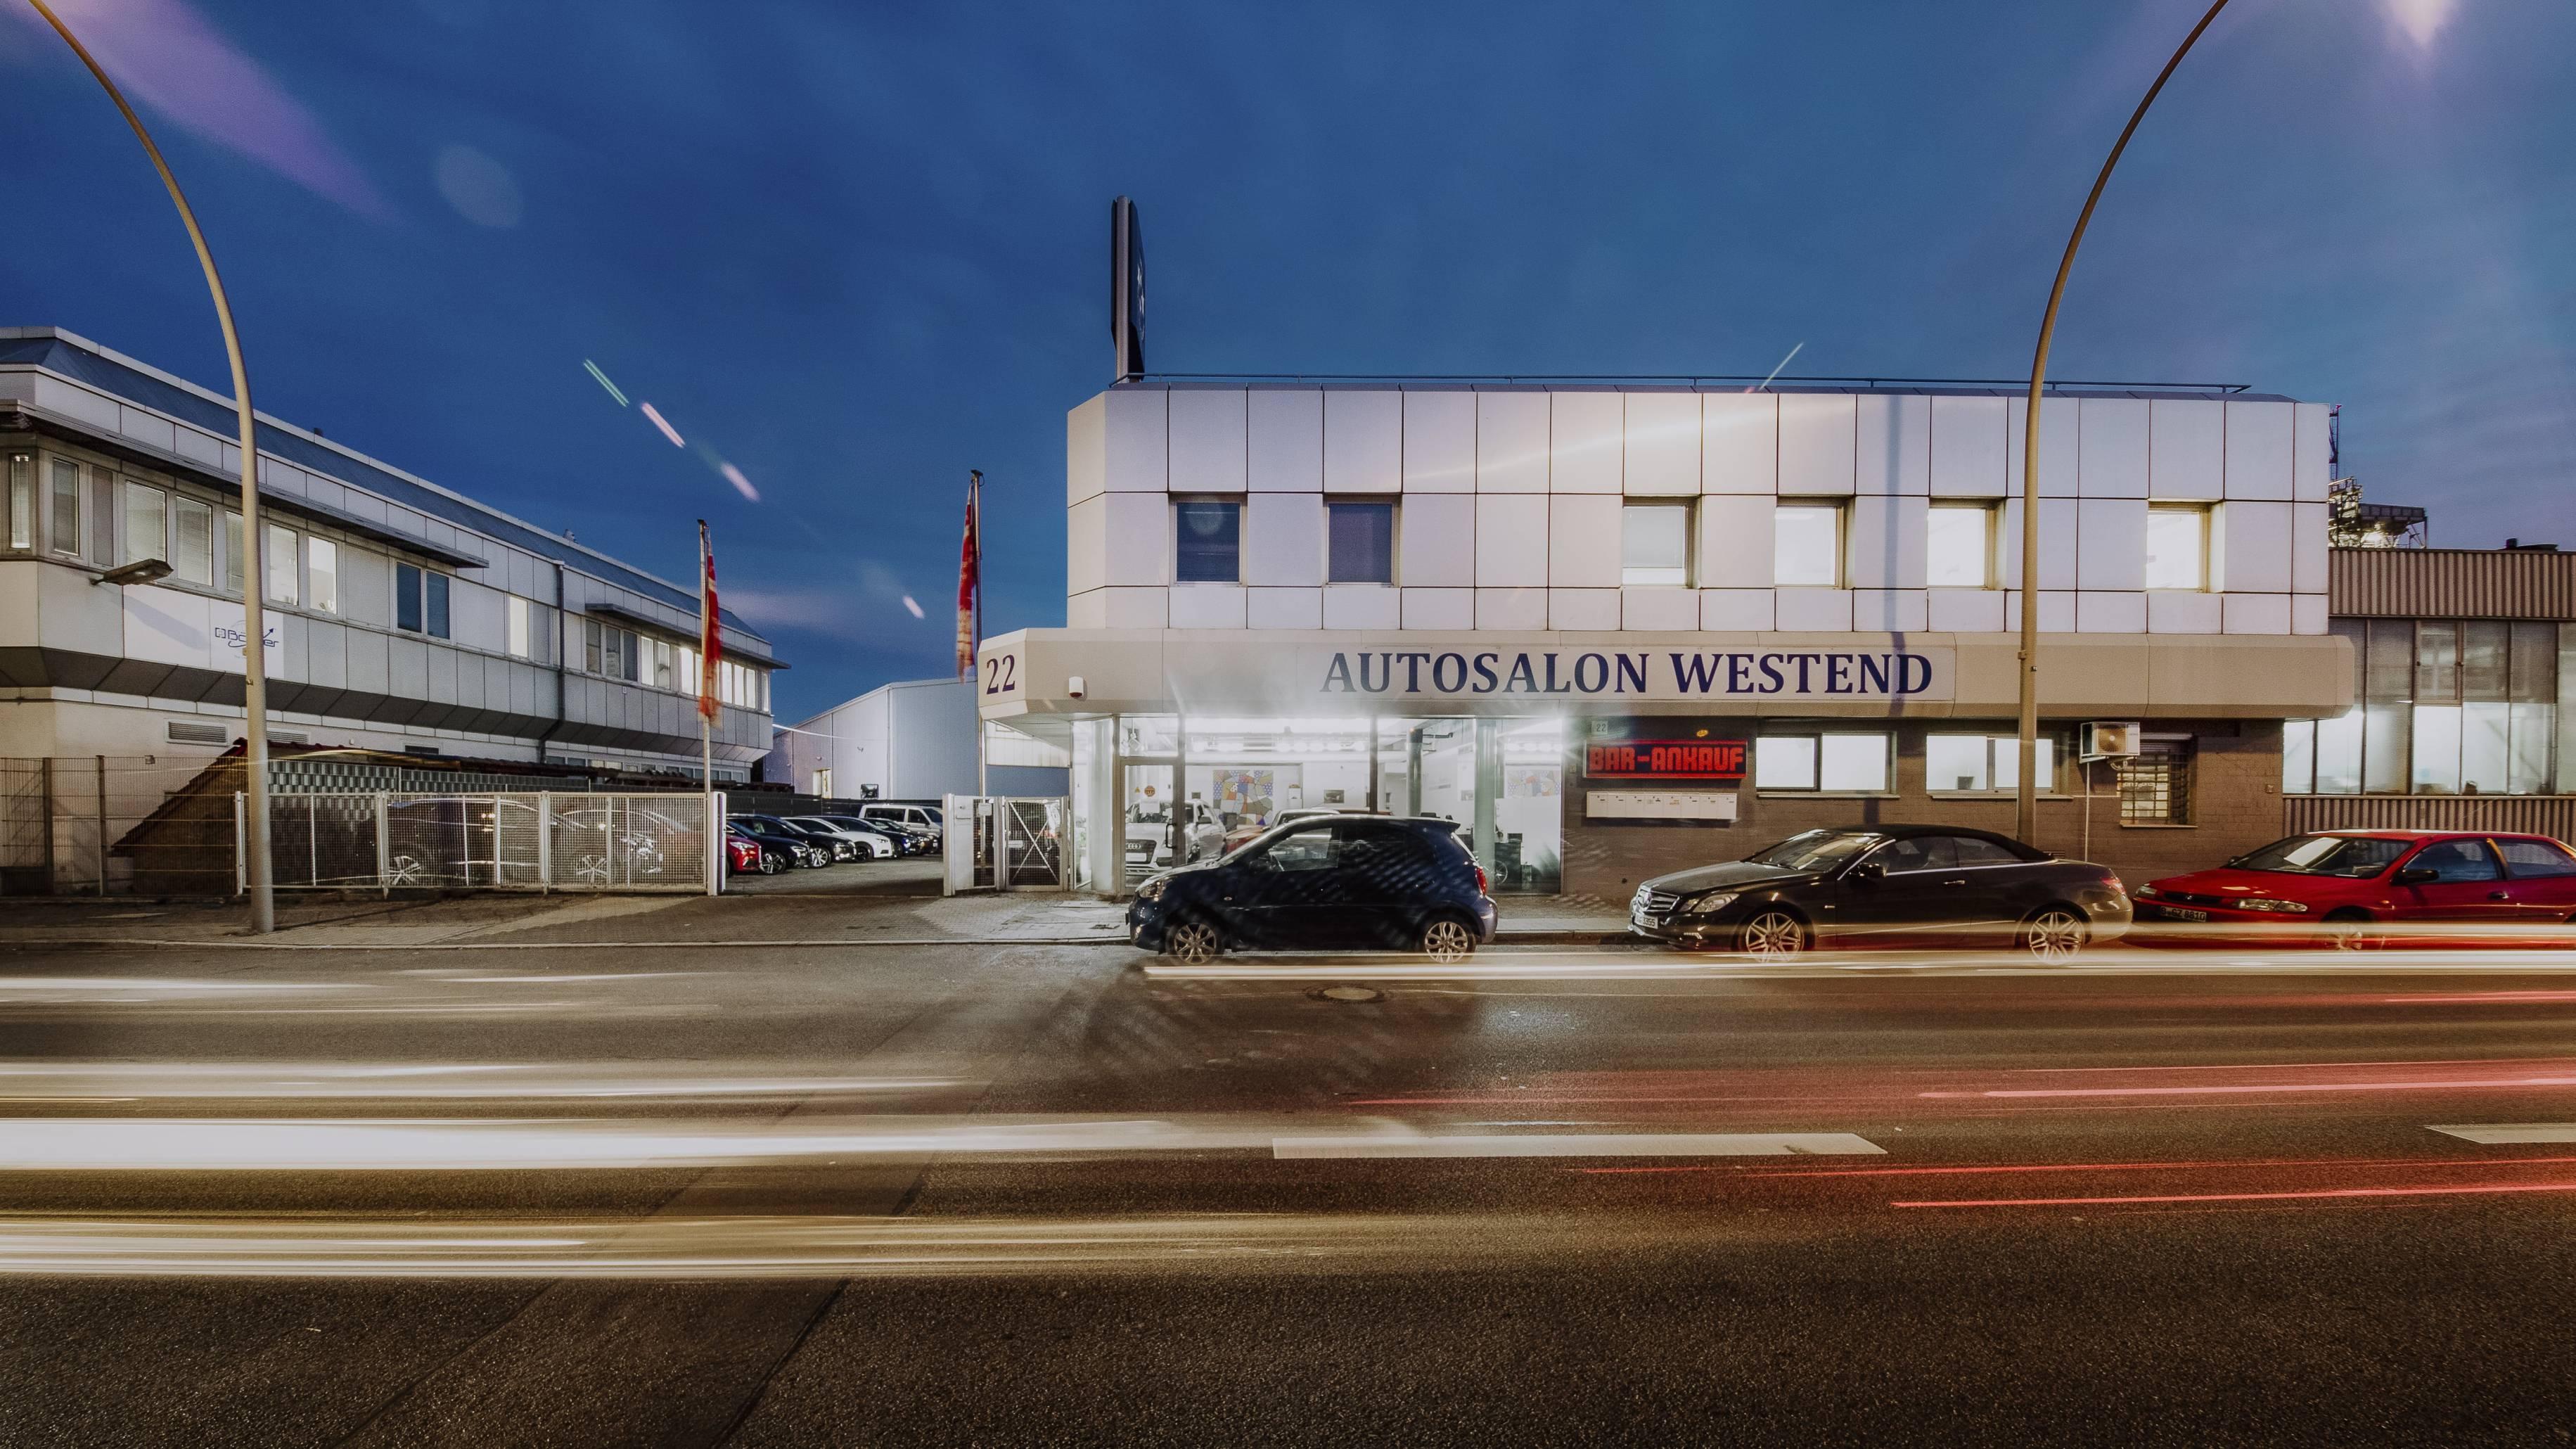 Autosalon Westend